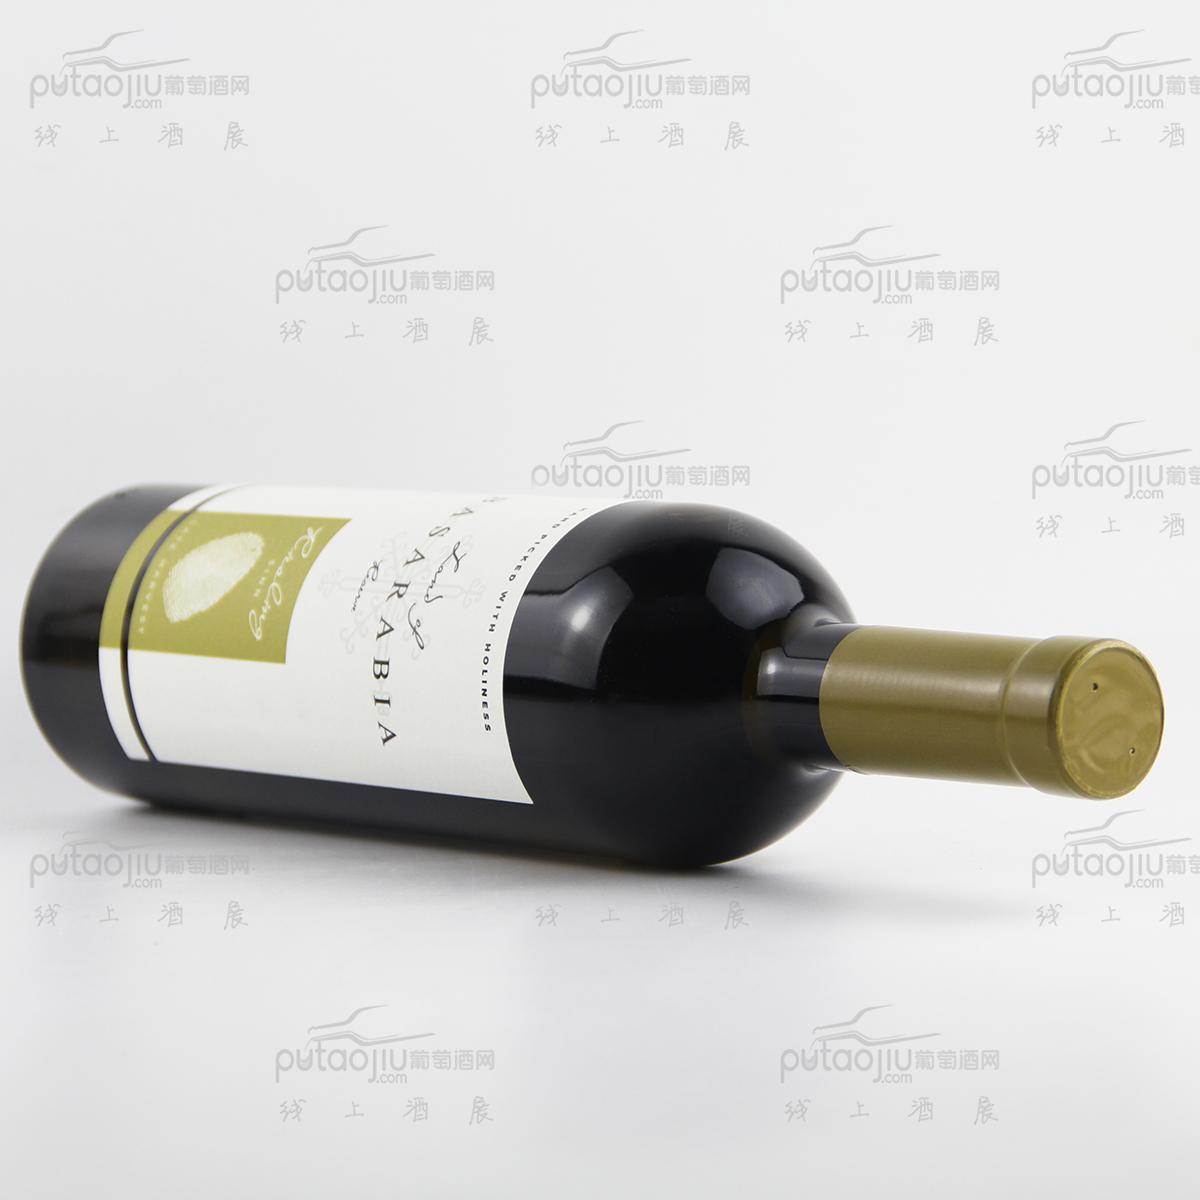 摩尔多瓦斯特凡大公区堡尔酒庄雷司令晚收半甜白葡萄酒 2017